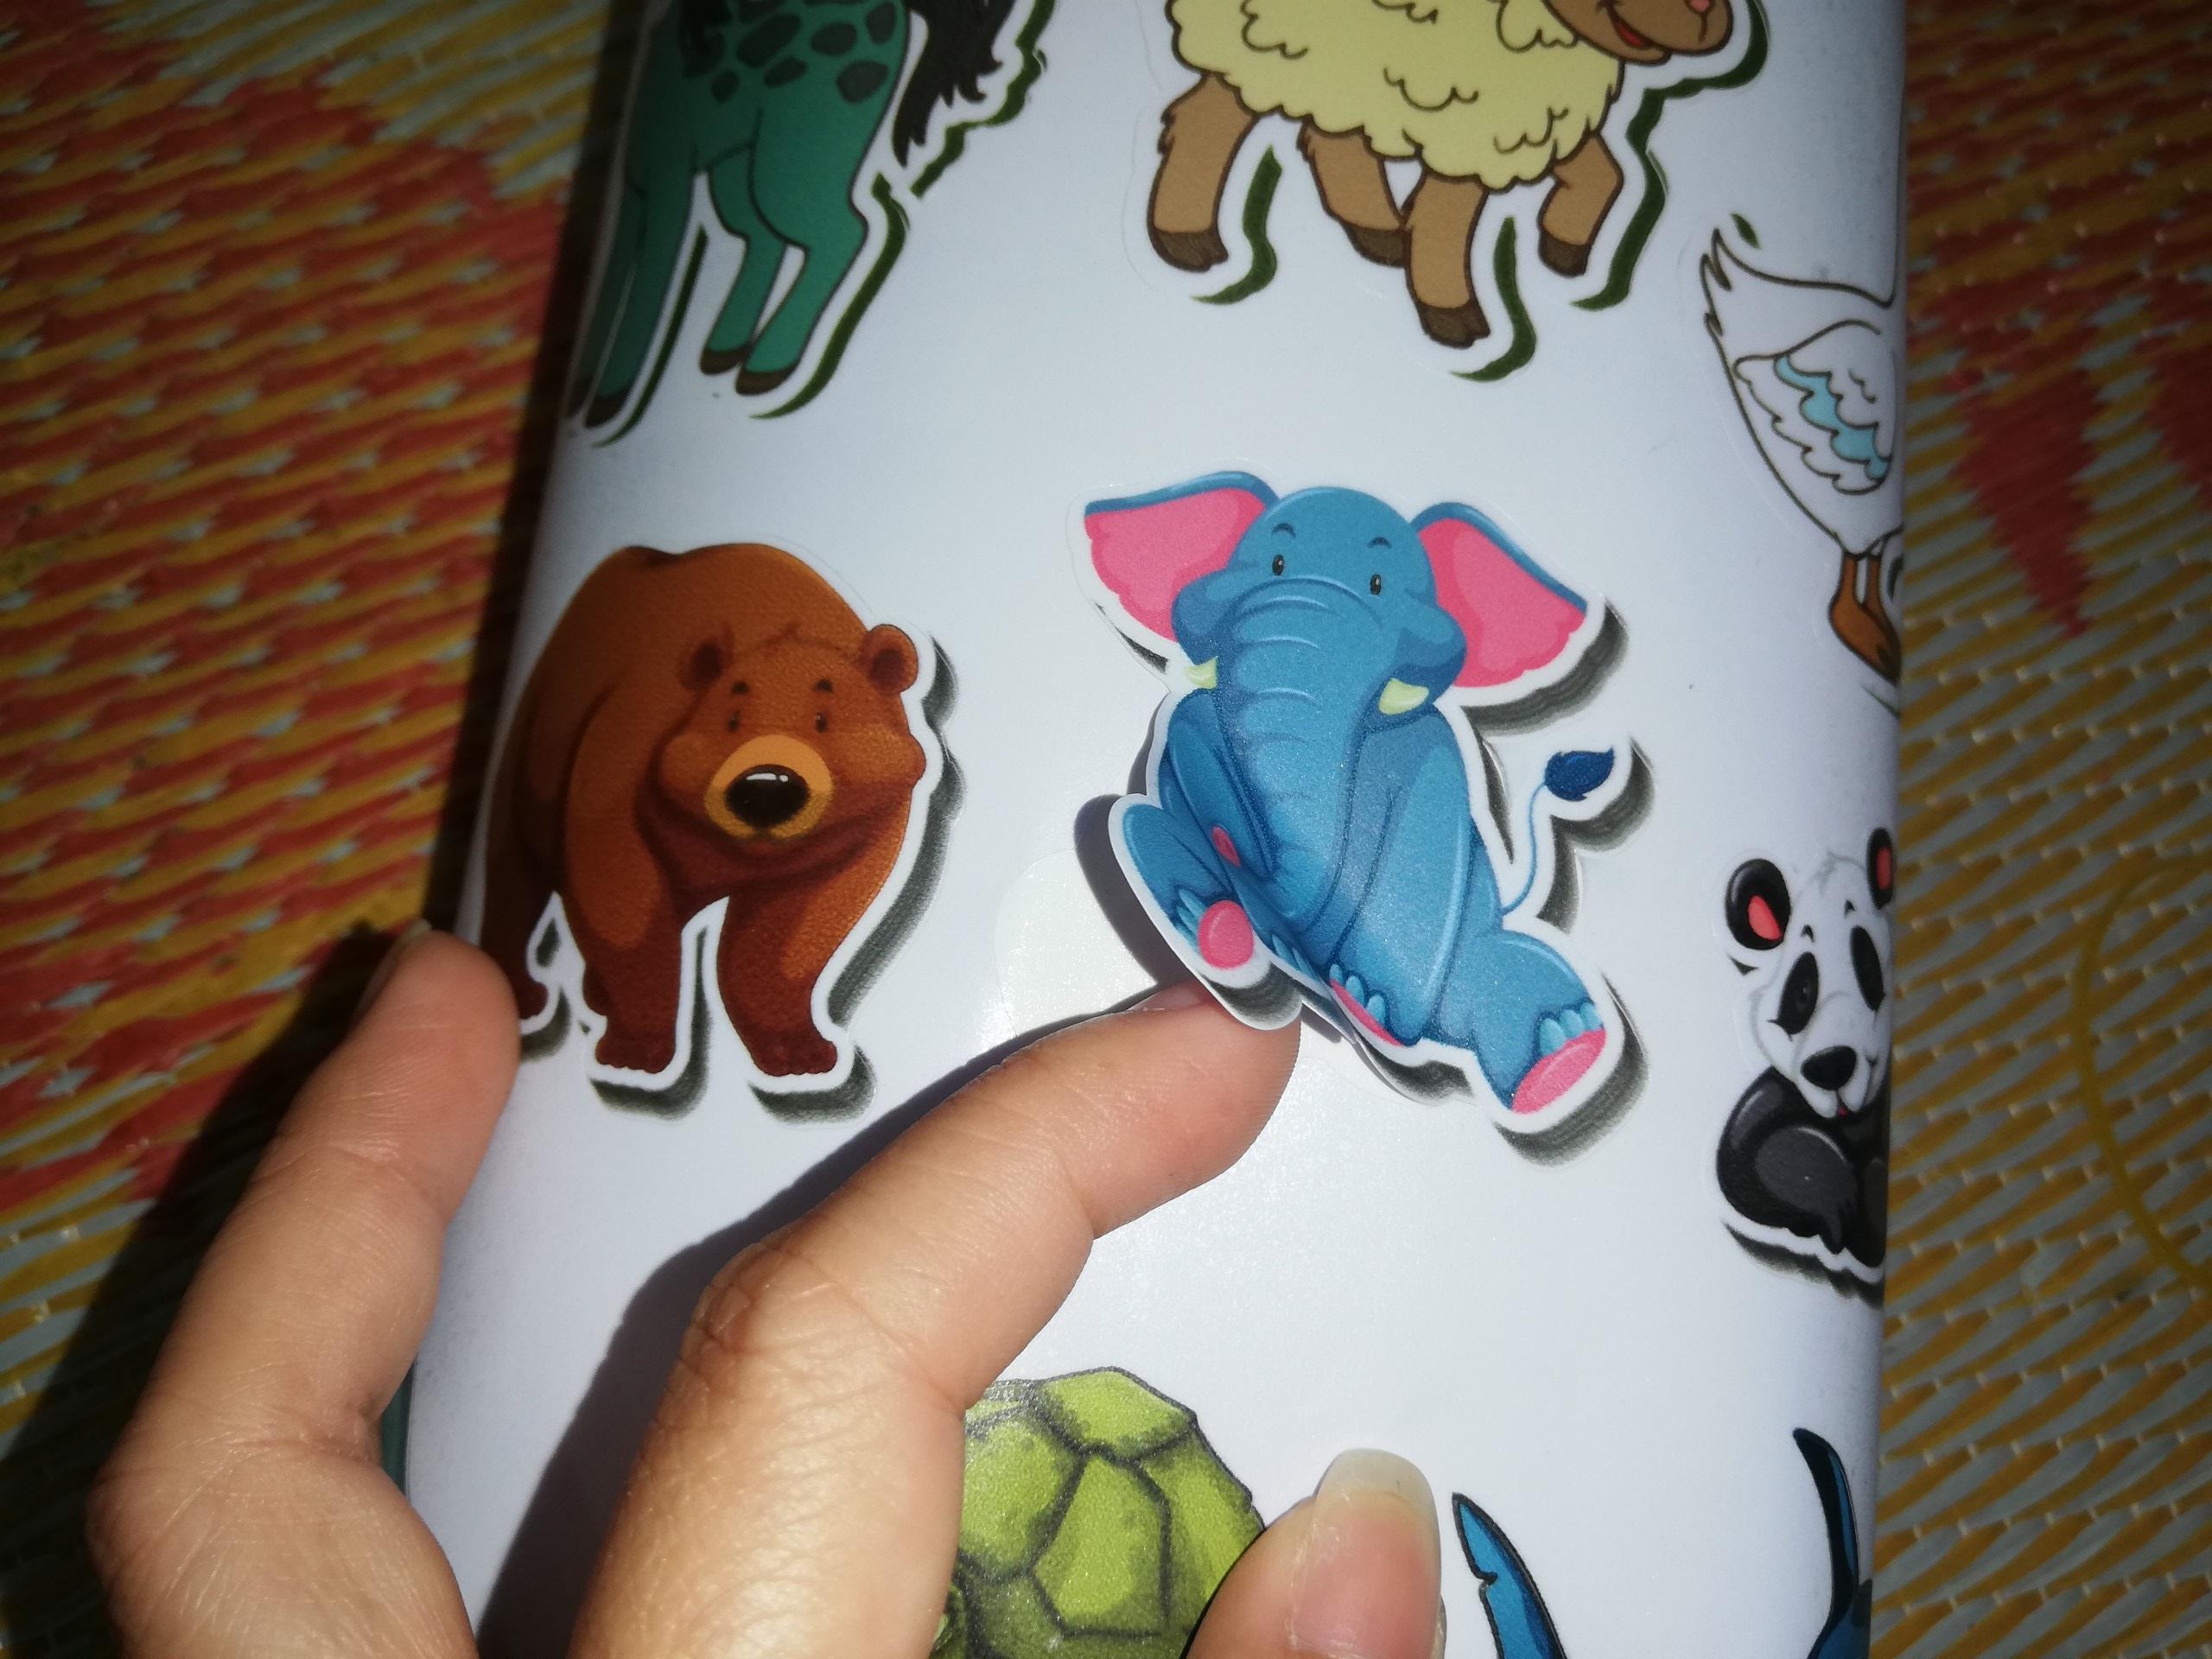 In sticker động vật - hình con vật - hình thú cho bé